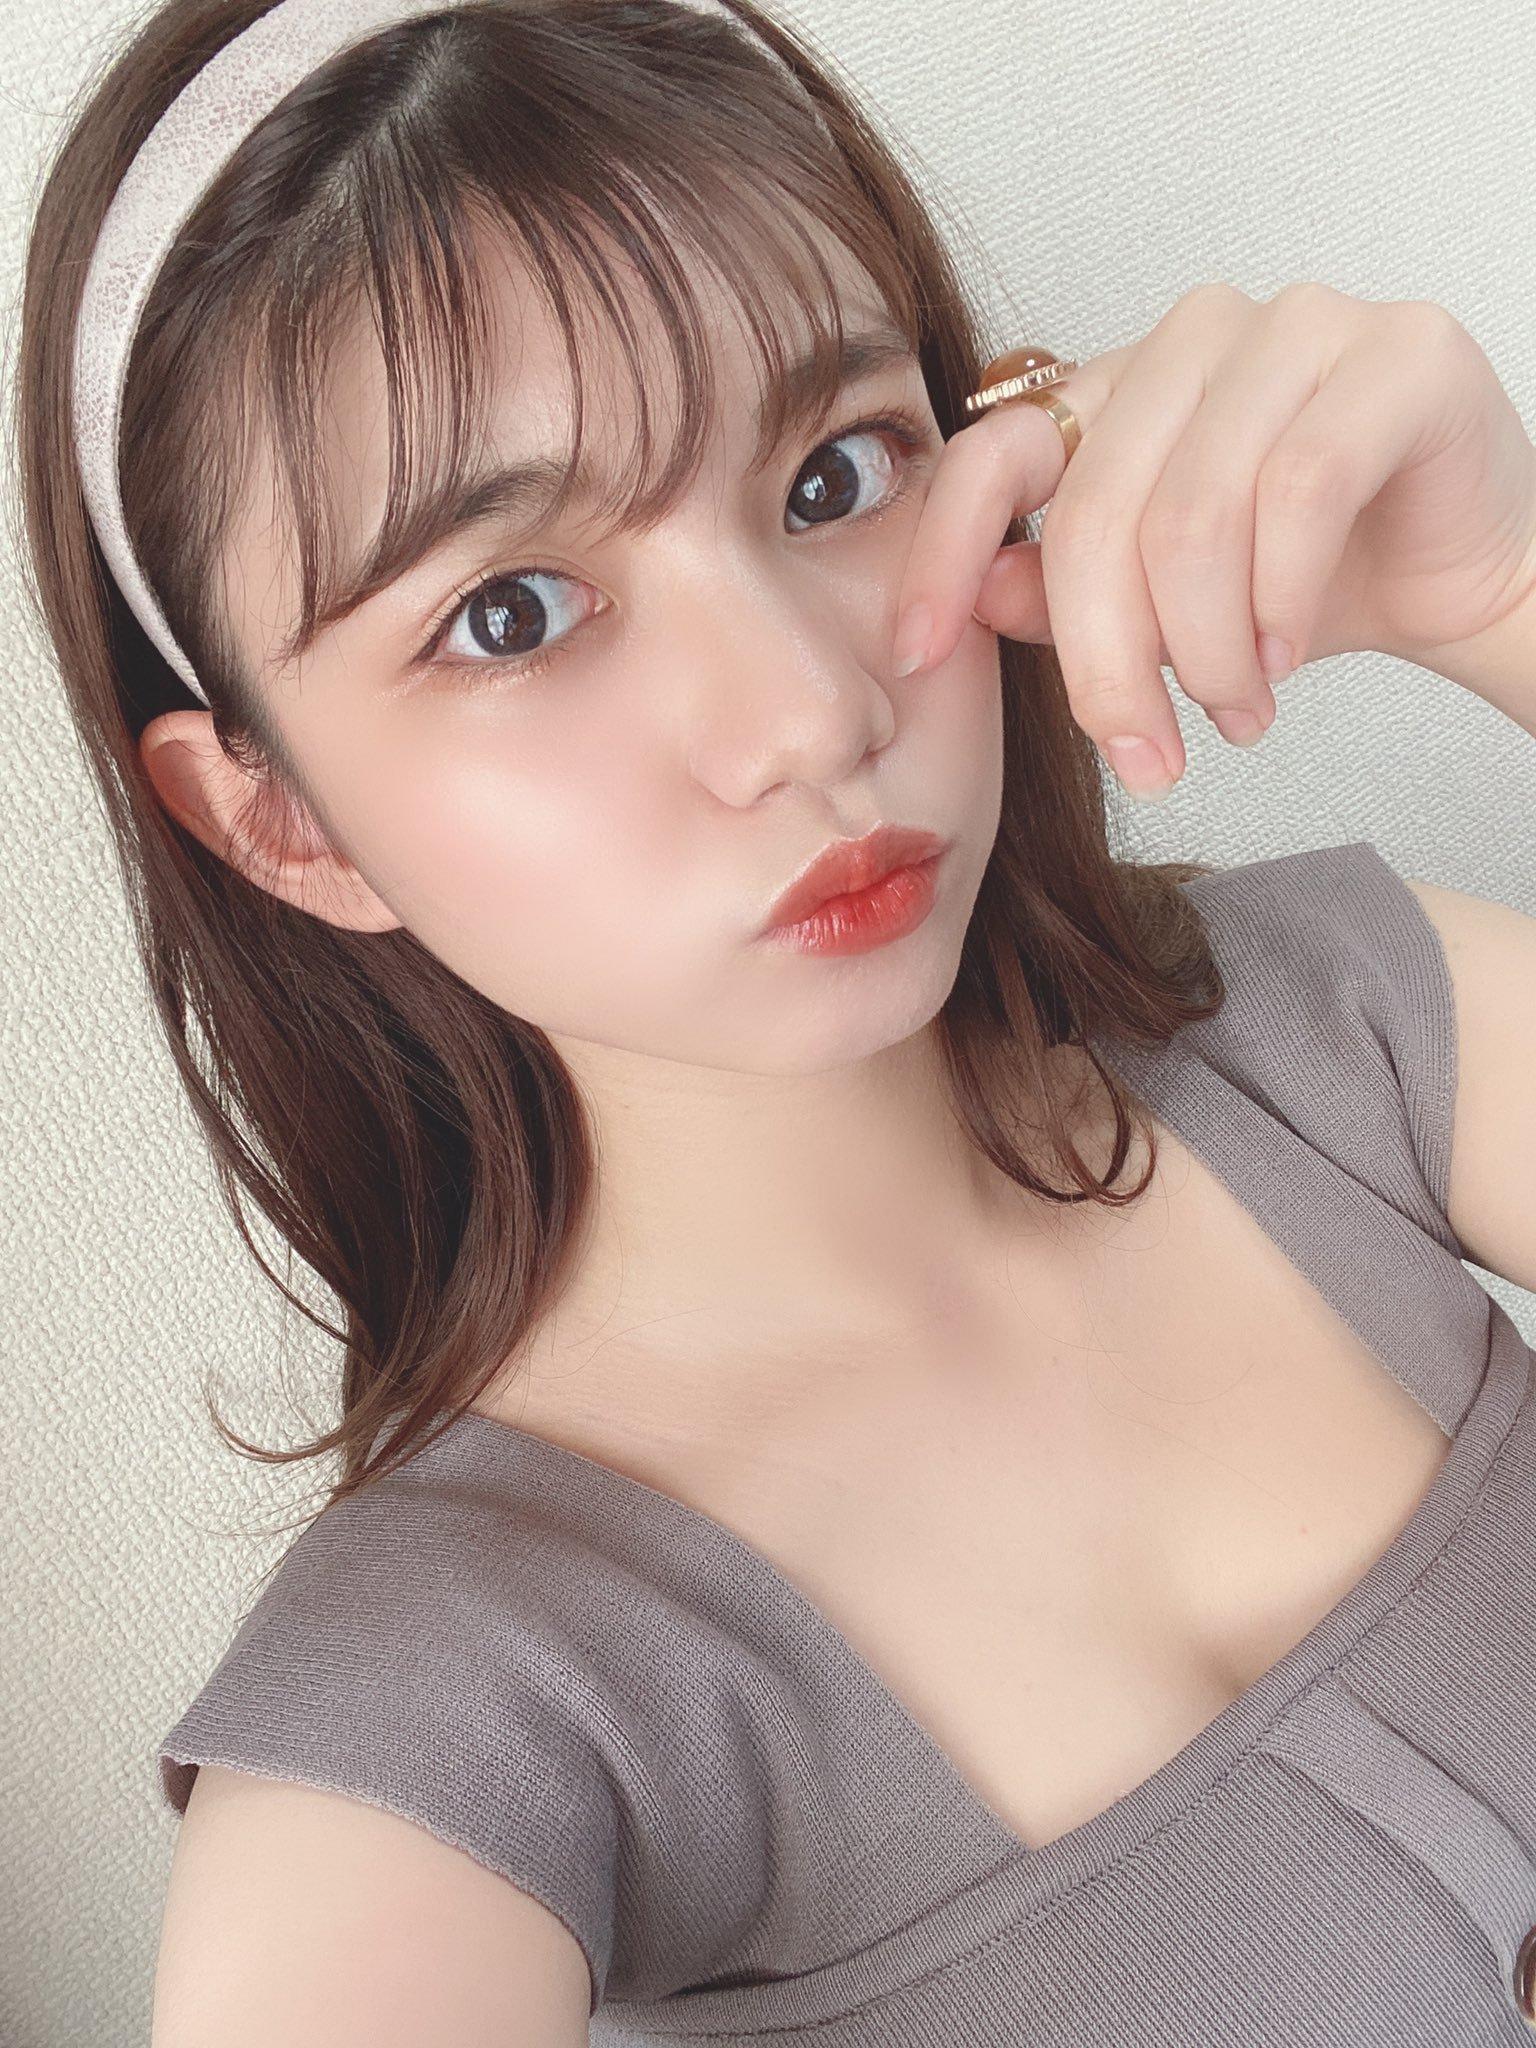 pon_chan216 1268135904889106432_p0